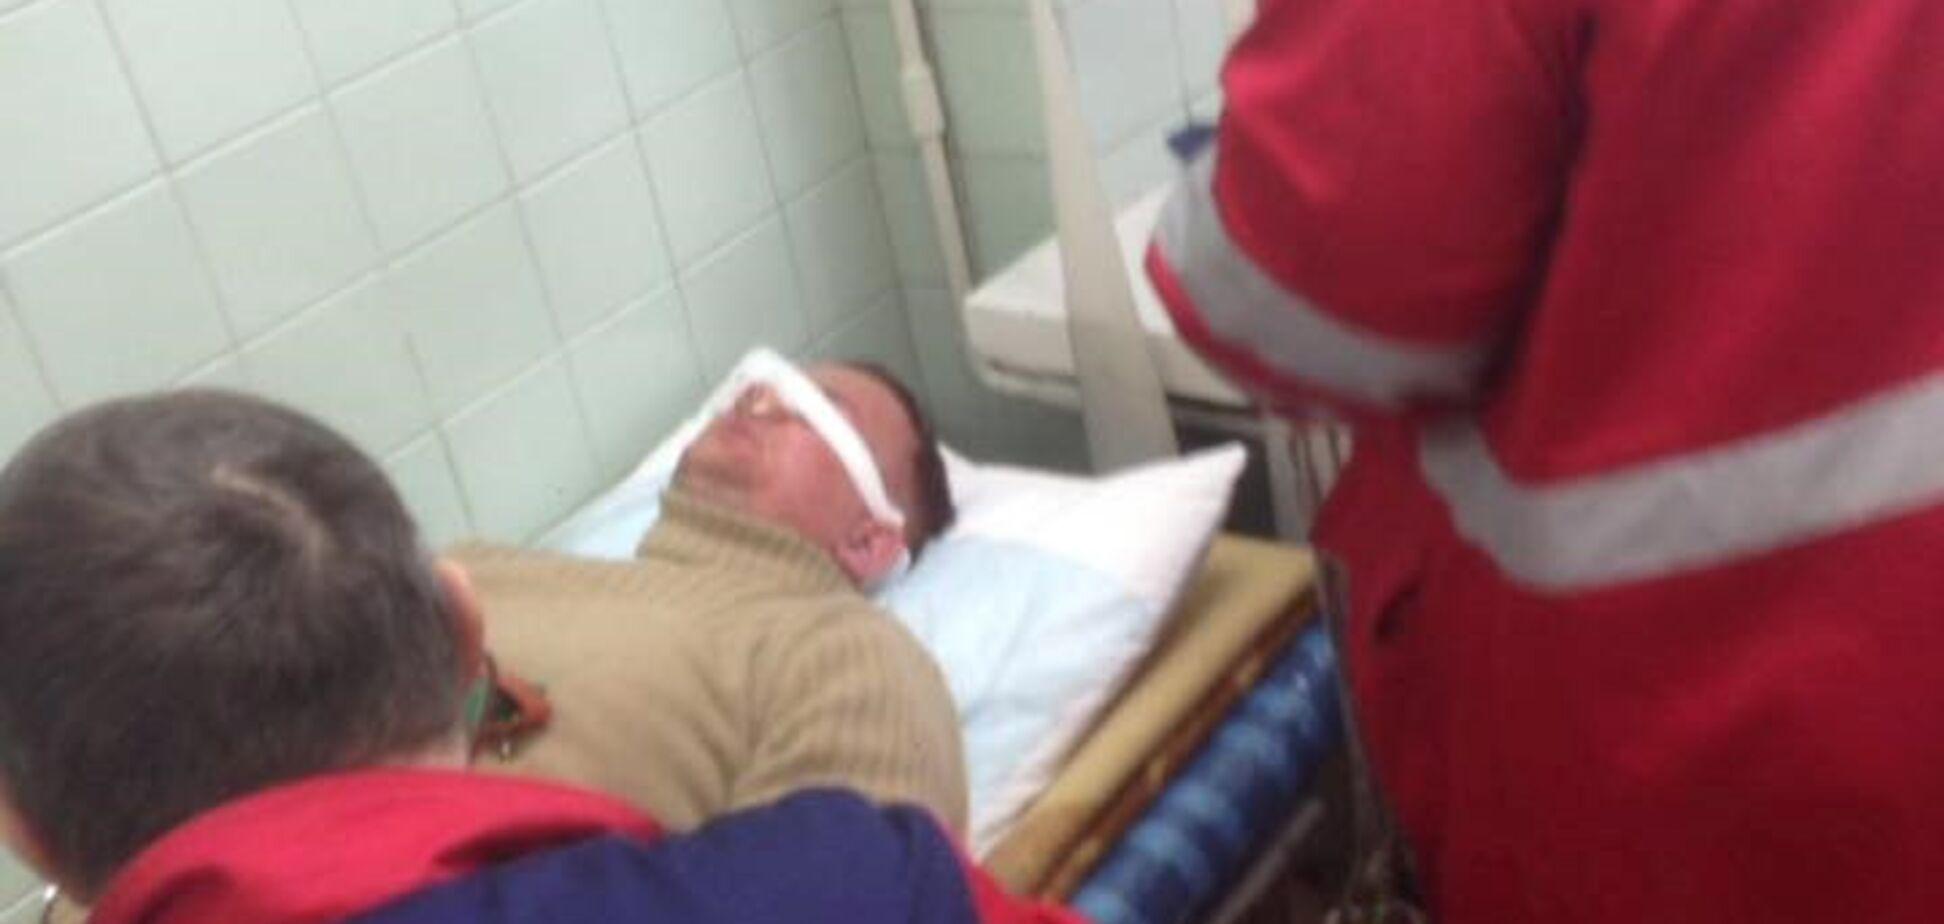 Избиение Левченко будут расследовать как насилие над госдеятелем